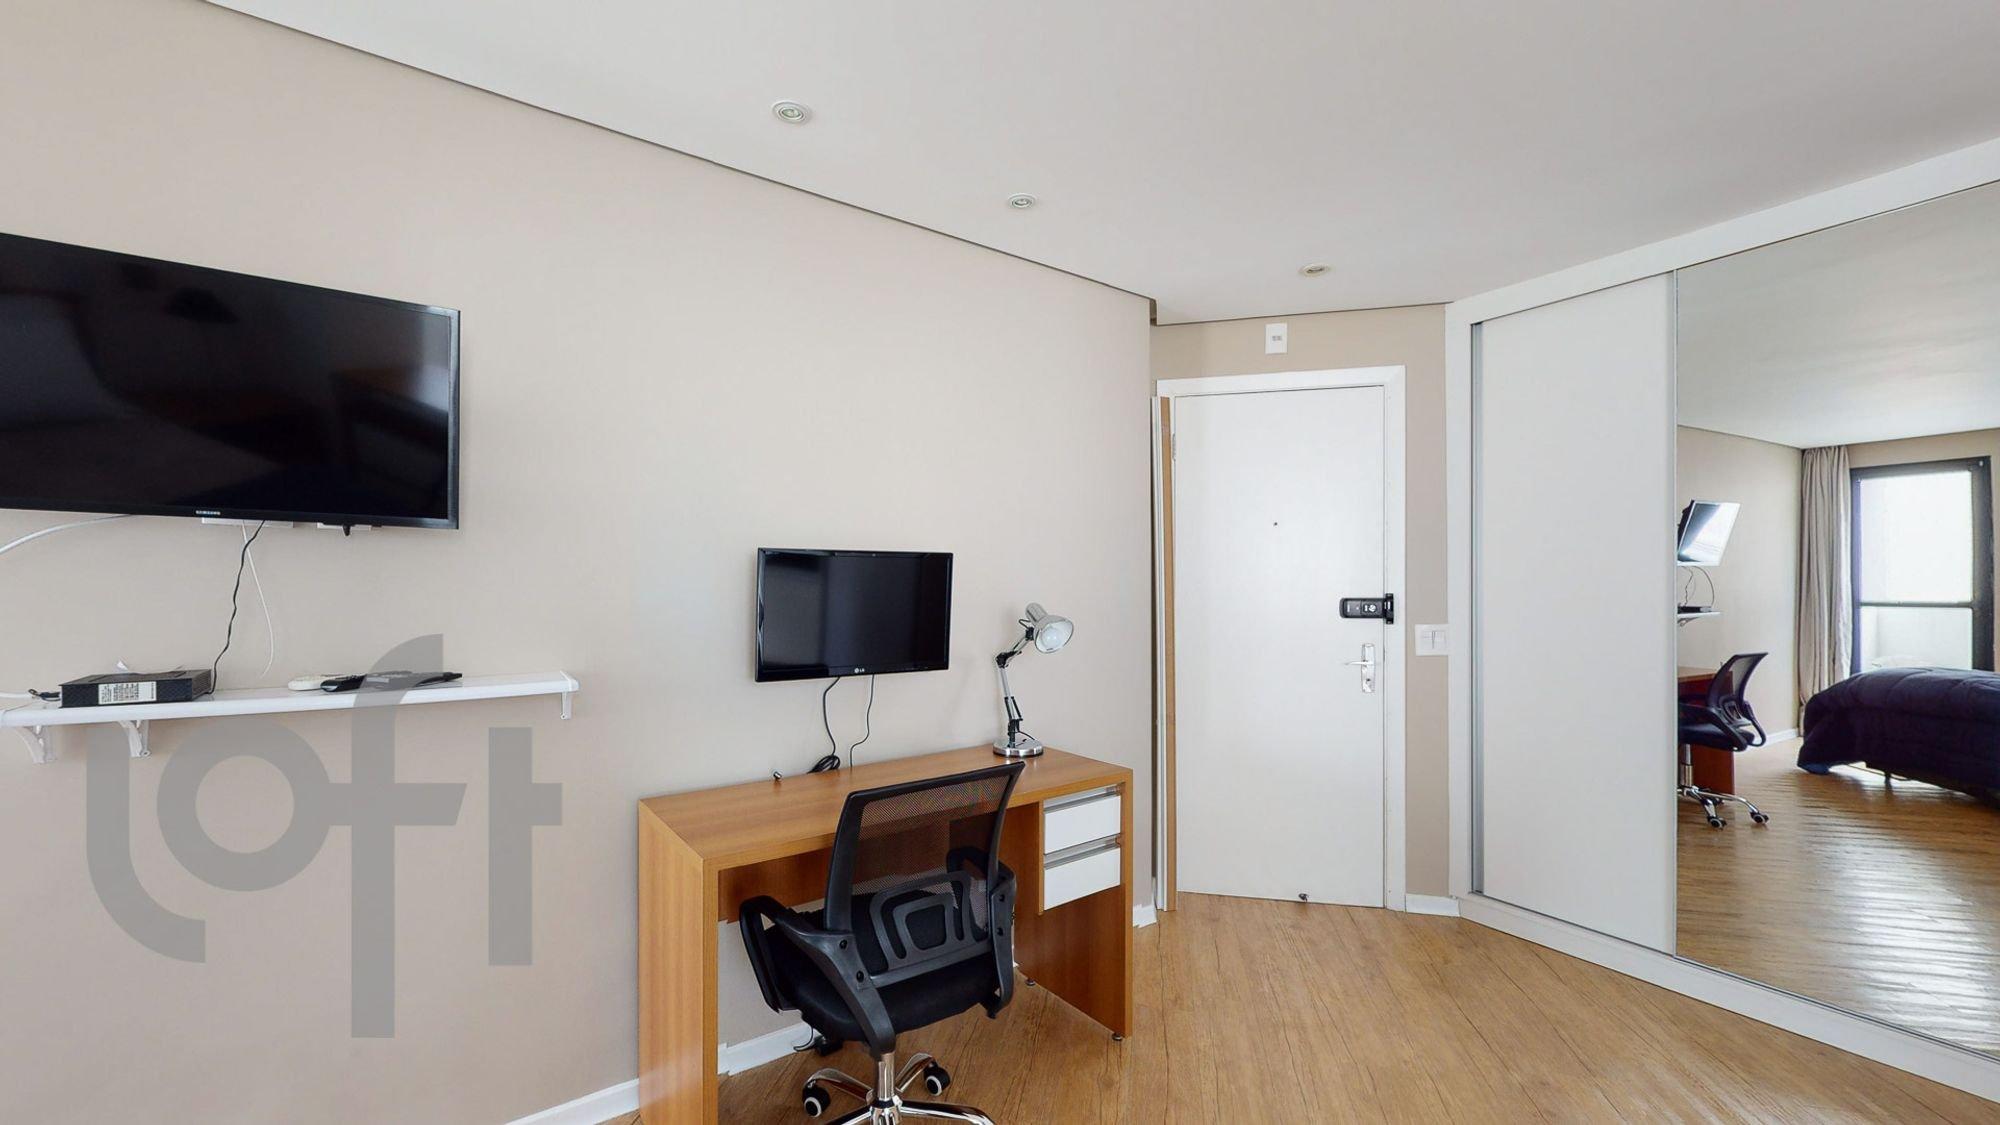 Foto de Sala com televisão, cadeira